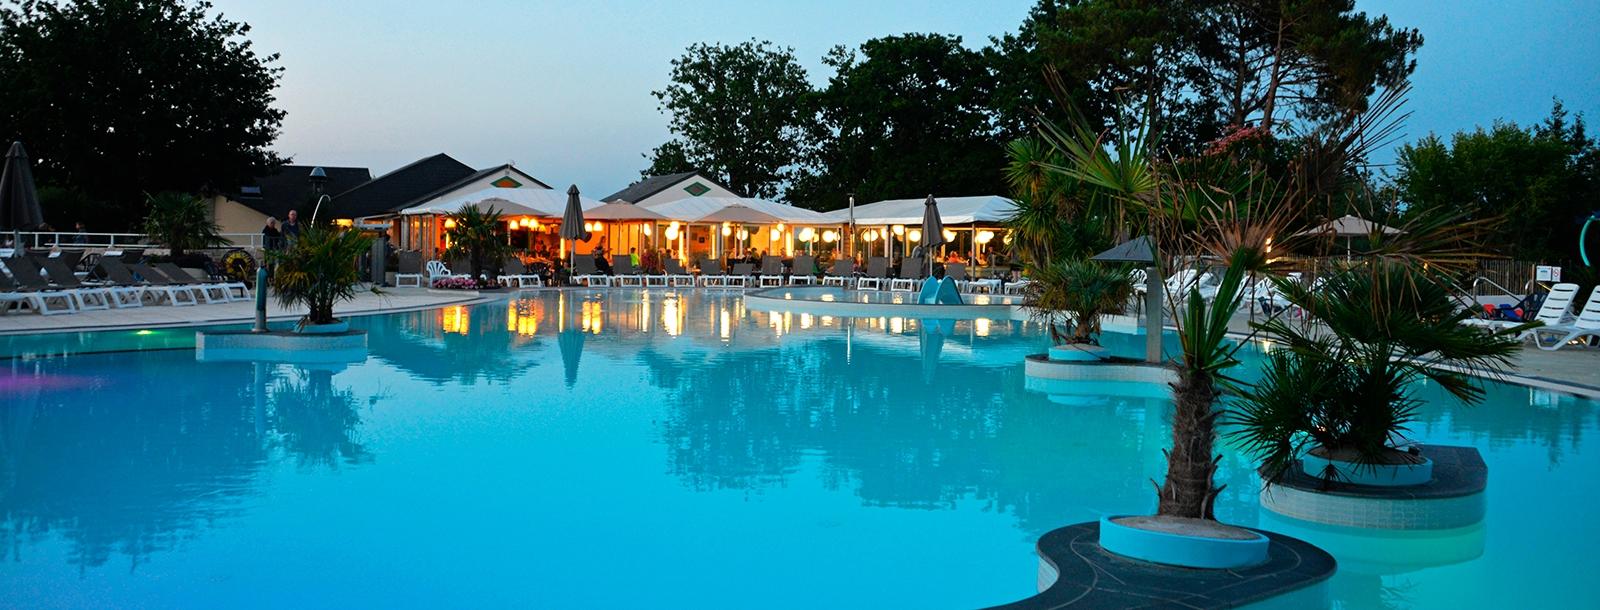 Relaxez-vous au restaurant au bord de la piscine